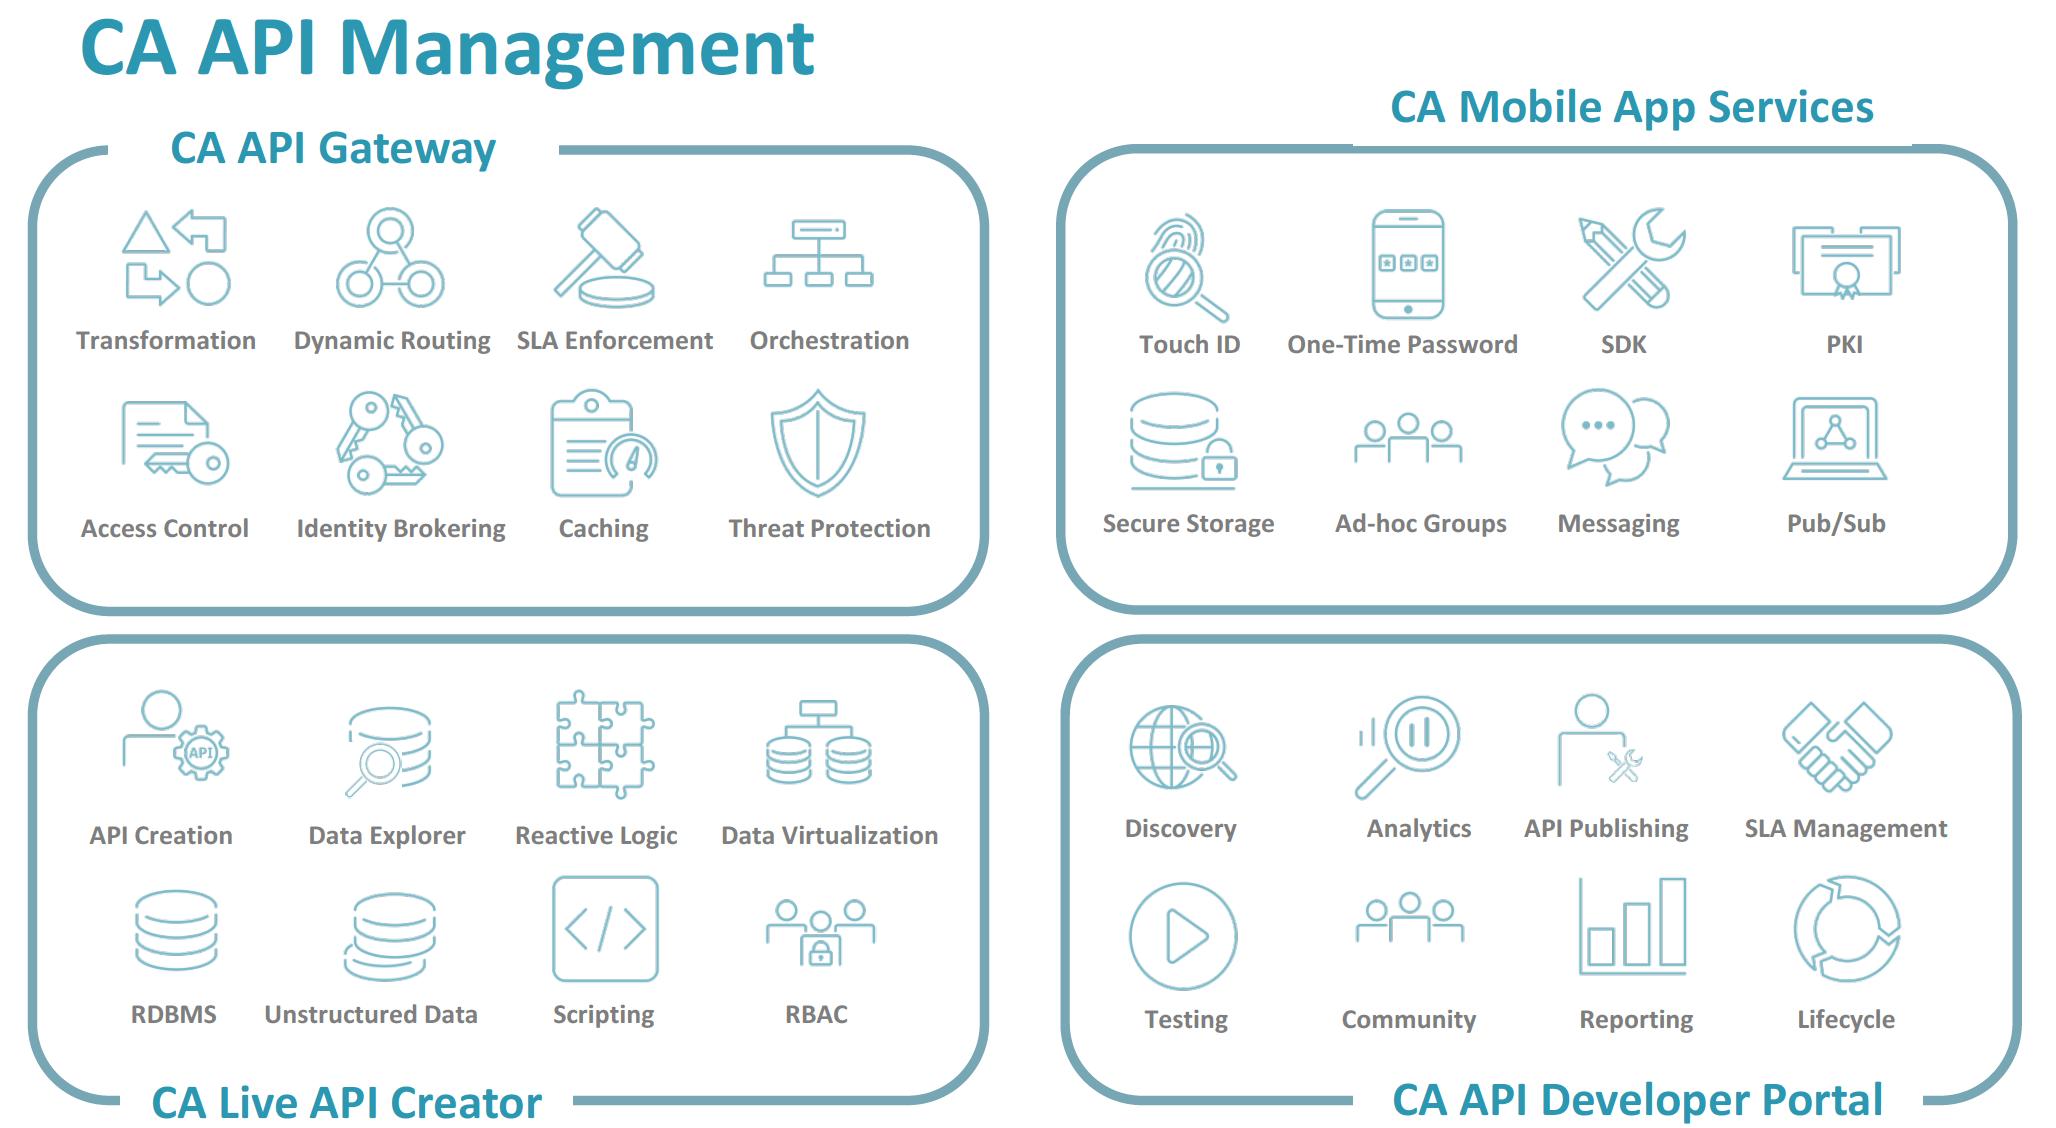 CA API Management